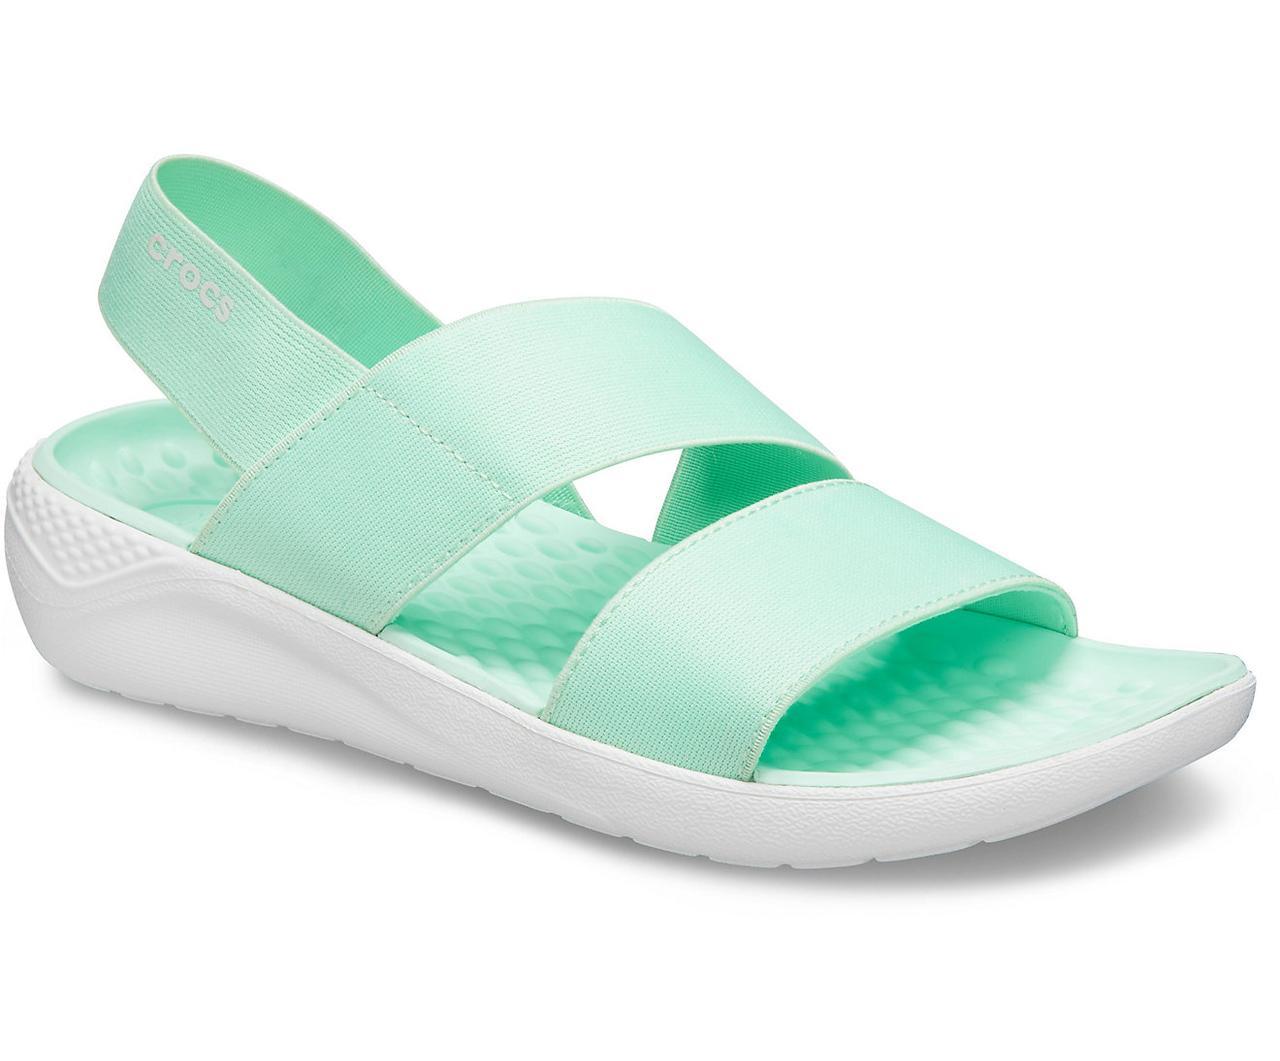 Босоножки женские Кроксы ЛайтРайд Стретч оригинал / Crocs Women's LiteRide Stretch Sandal (206081), Мятные